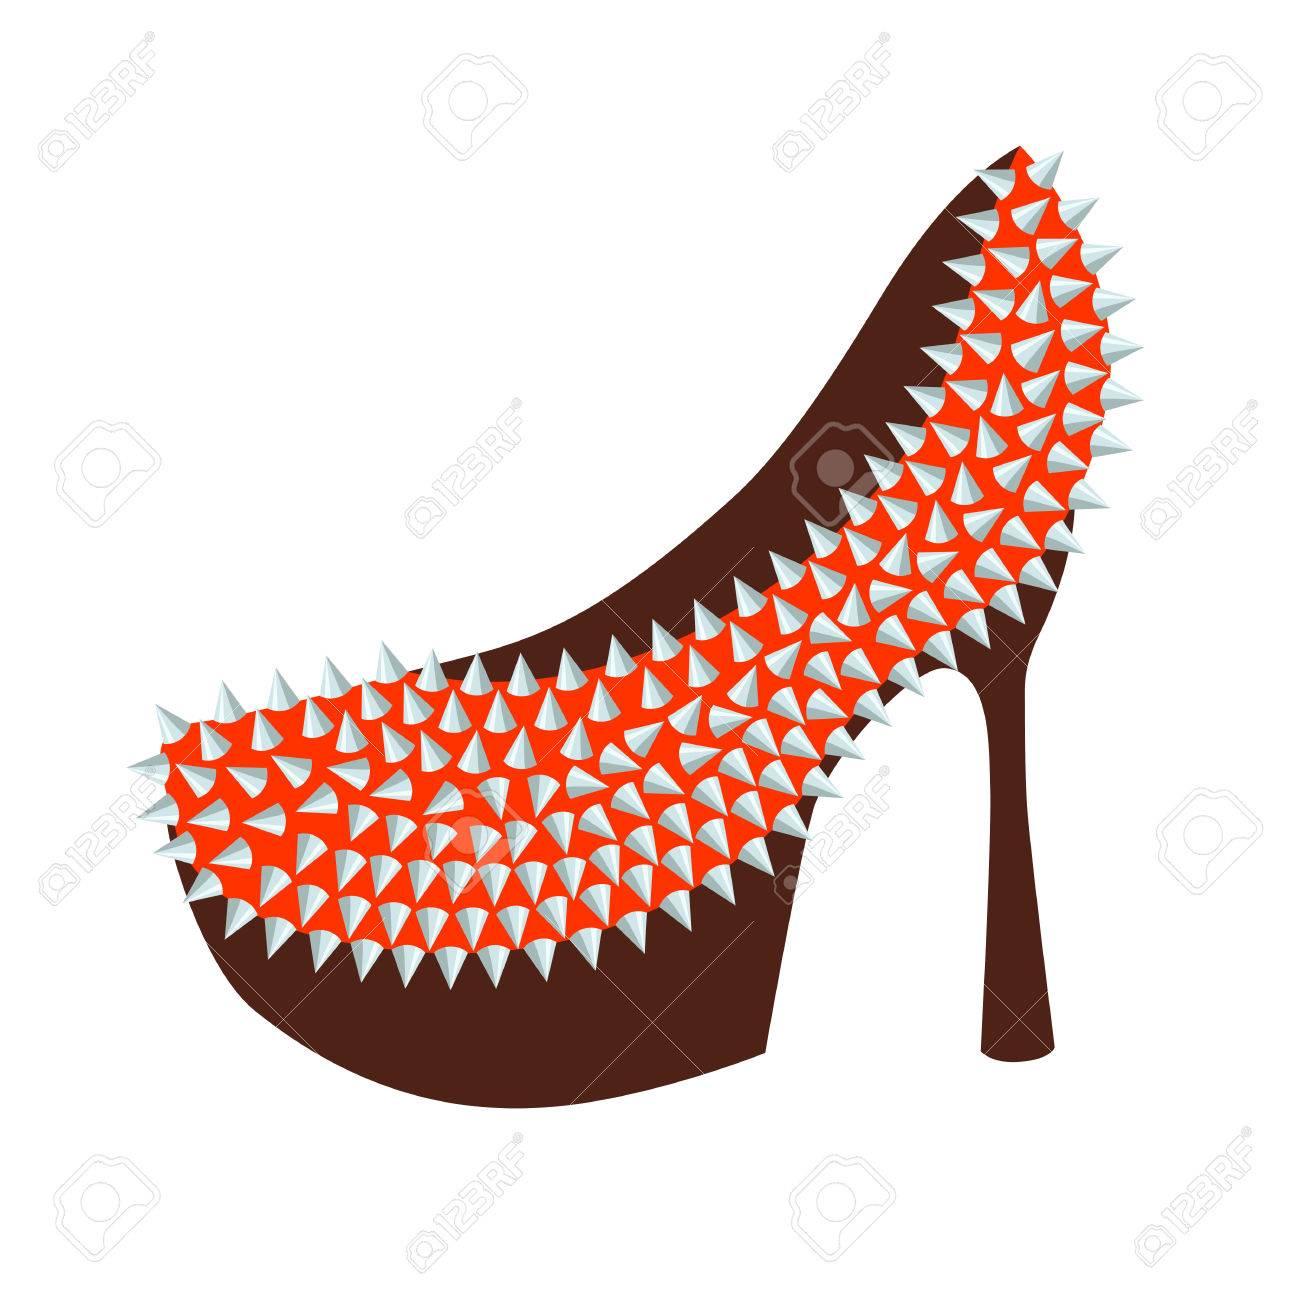 スタッズベクター イラストで飾られた女性のファッション高かかと靴赤